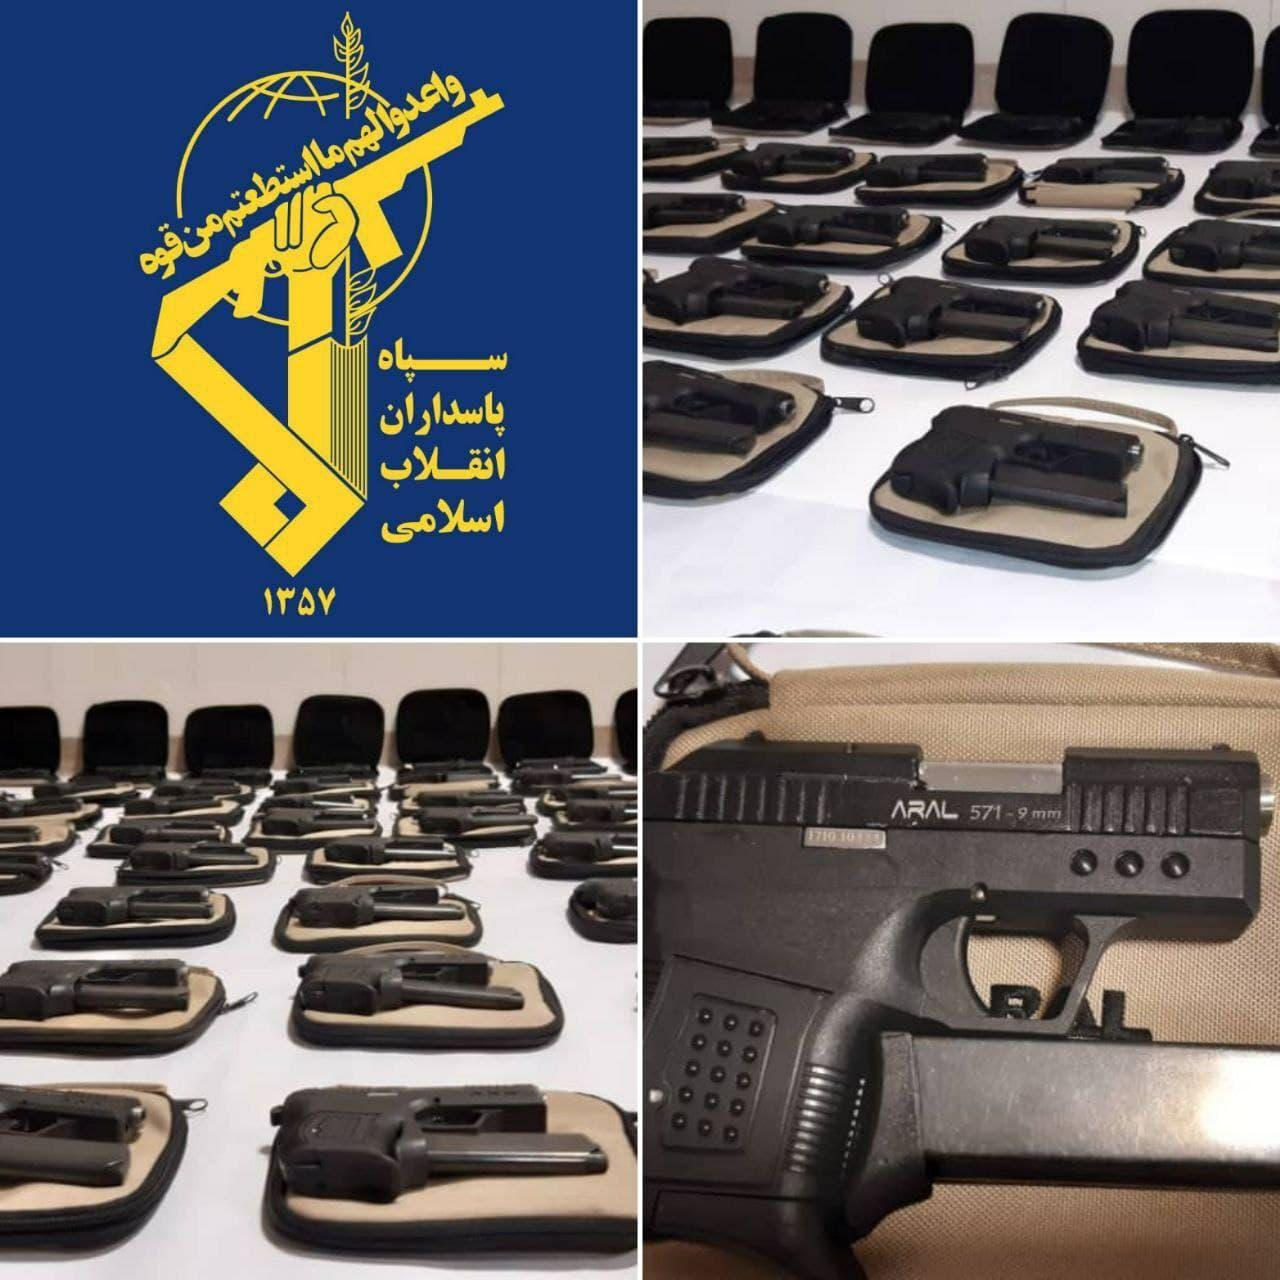 کشف سلاح های تروریستی